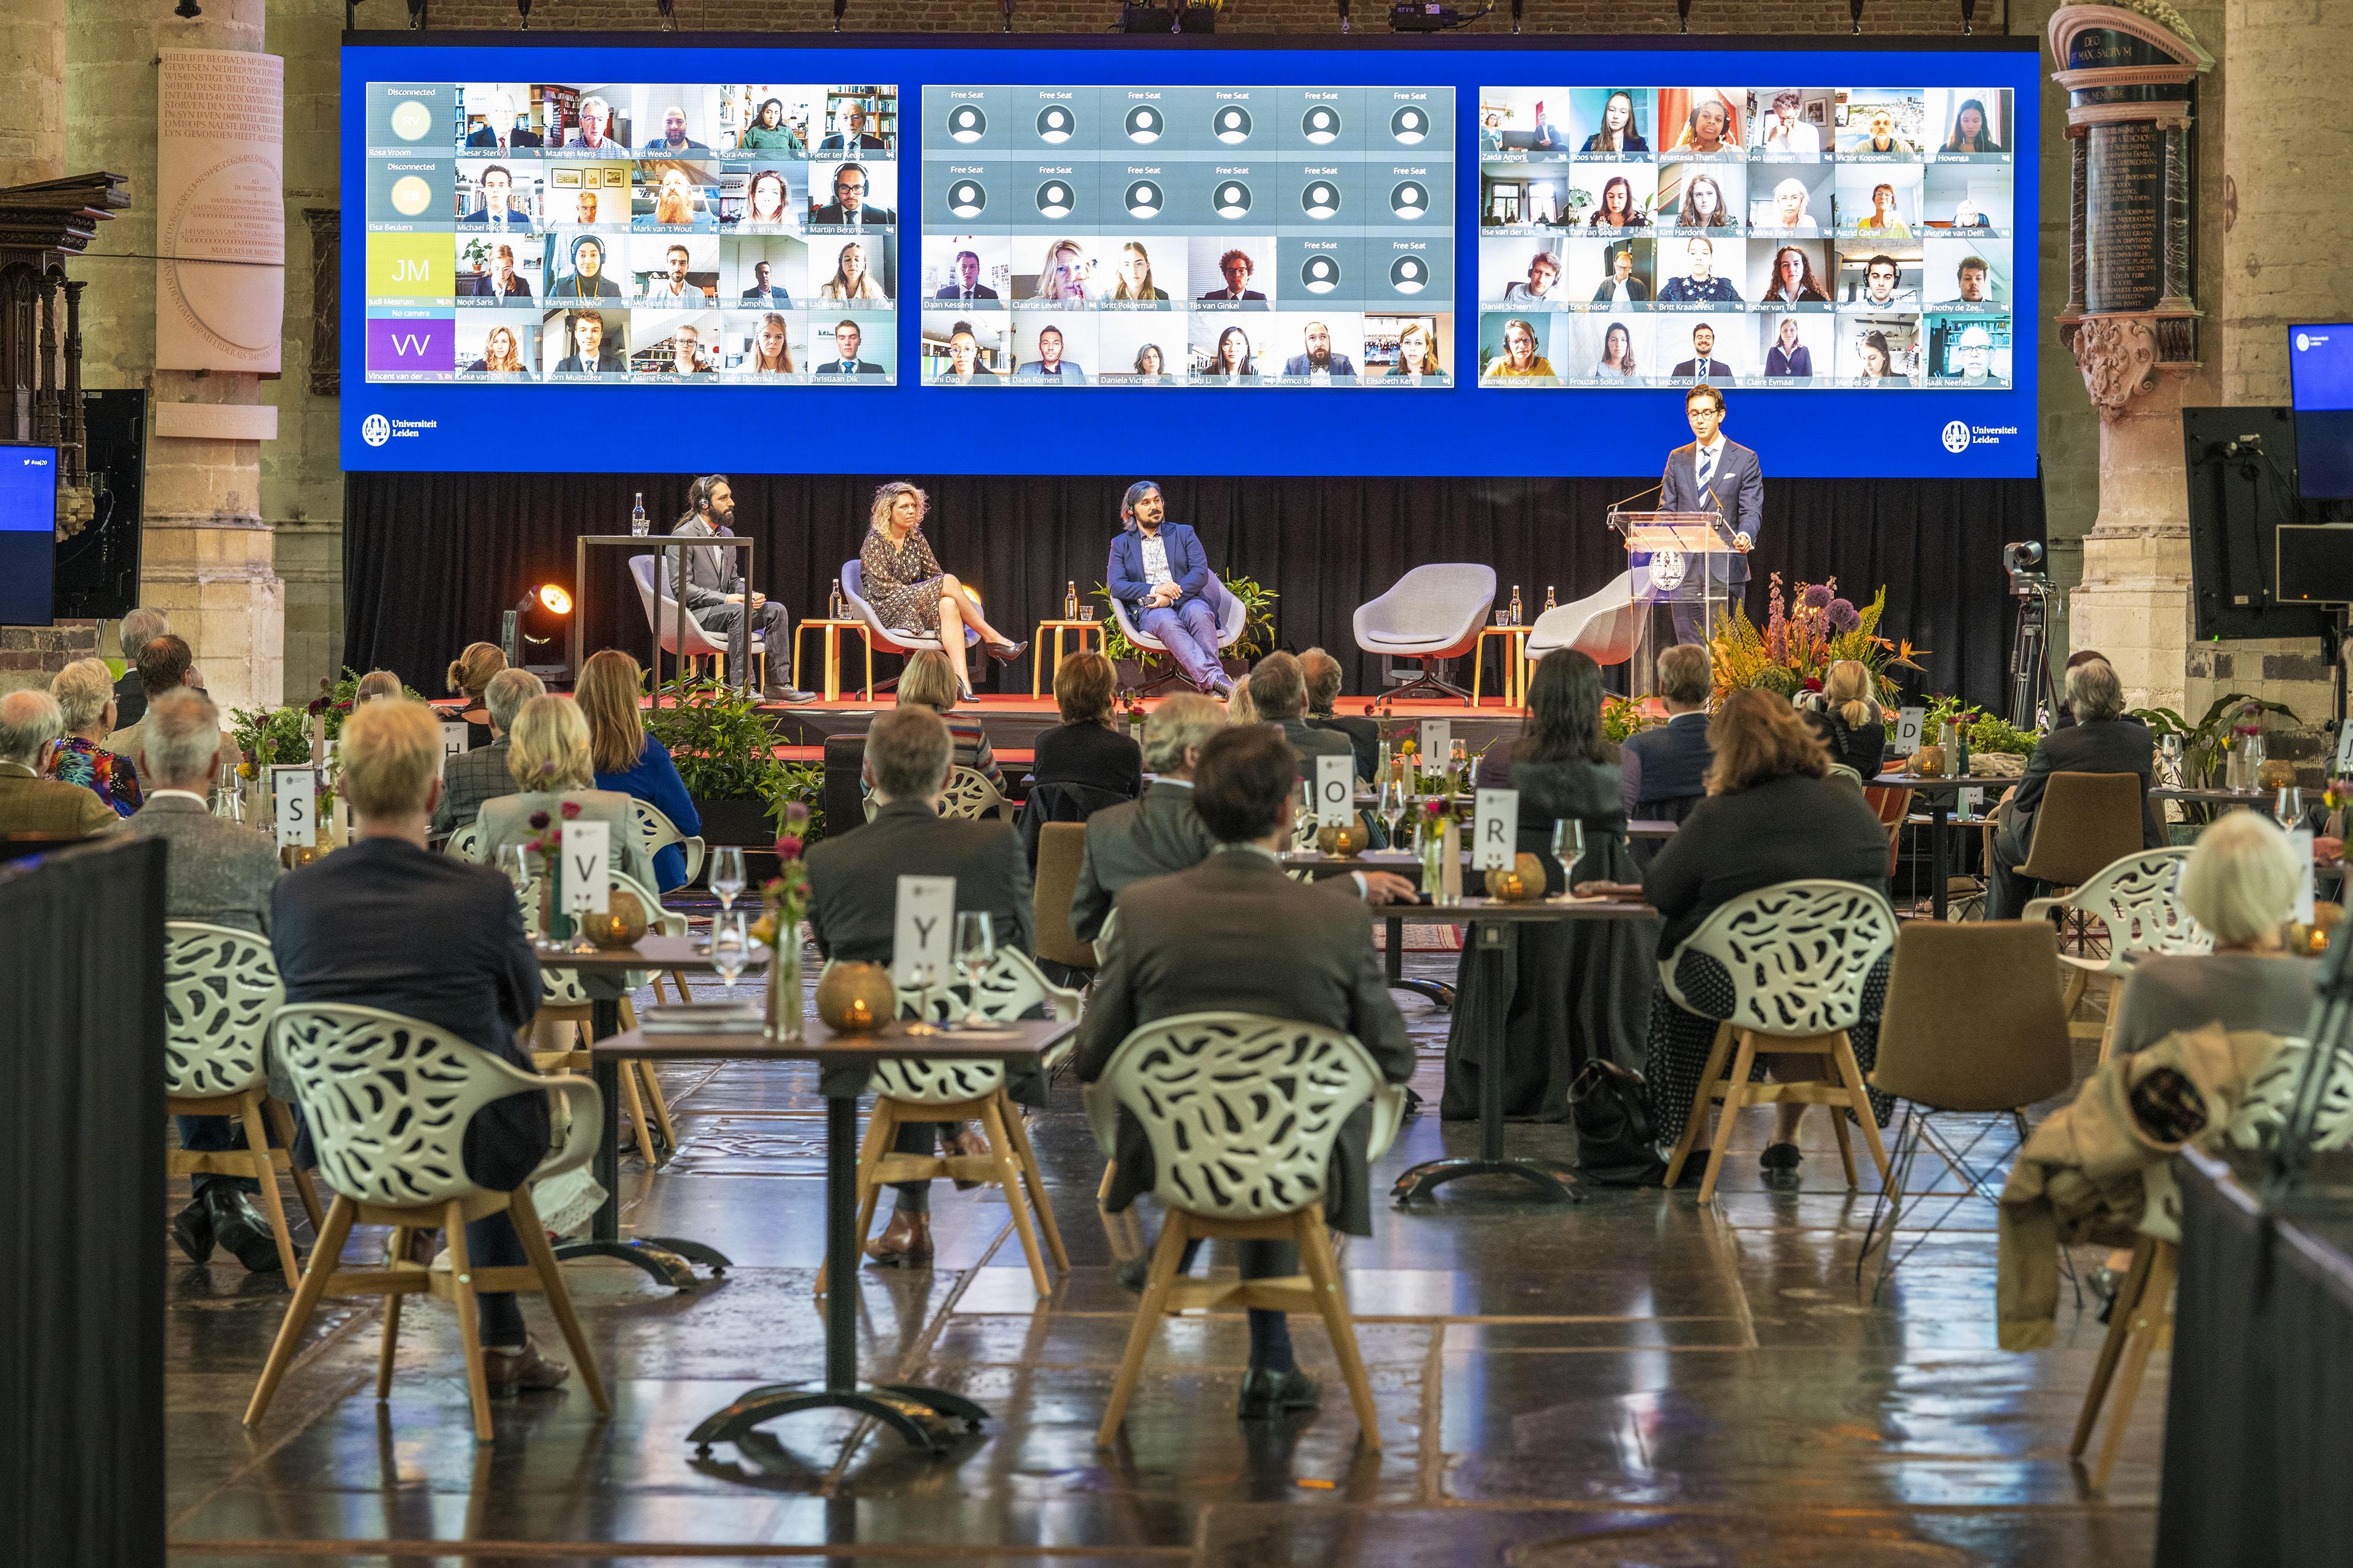 Opening academisch jaar in Leiden: Coronacrisis zet de essentie van de universiteit op het spel